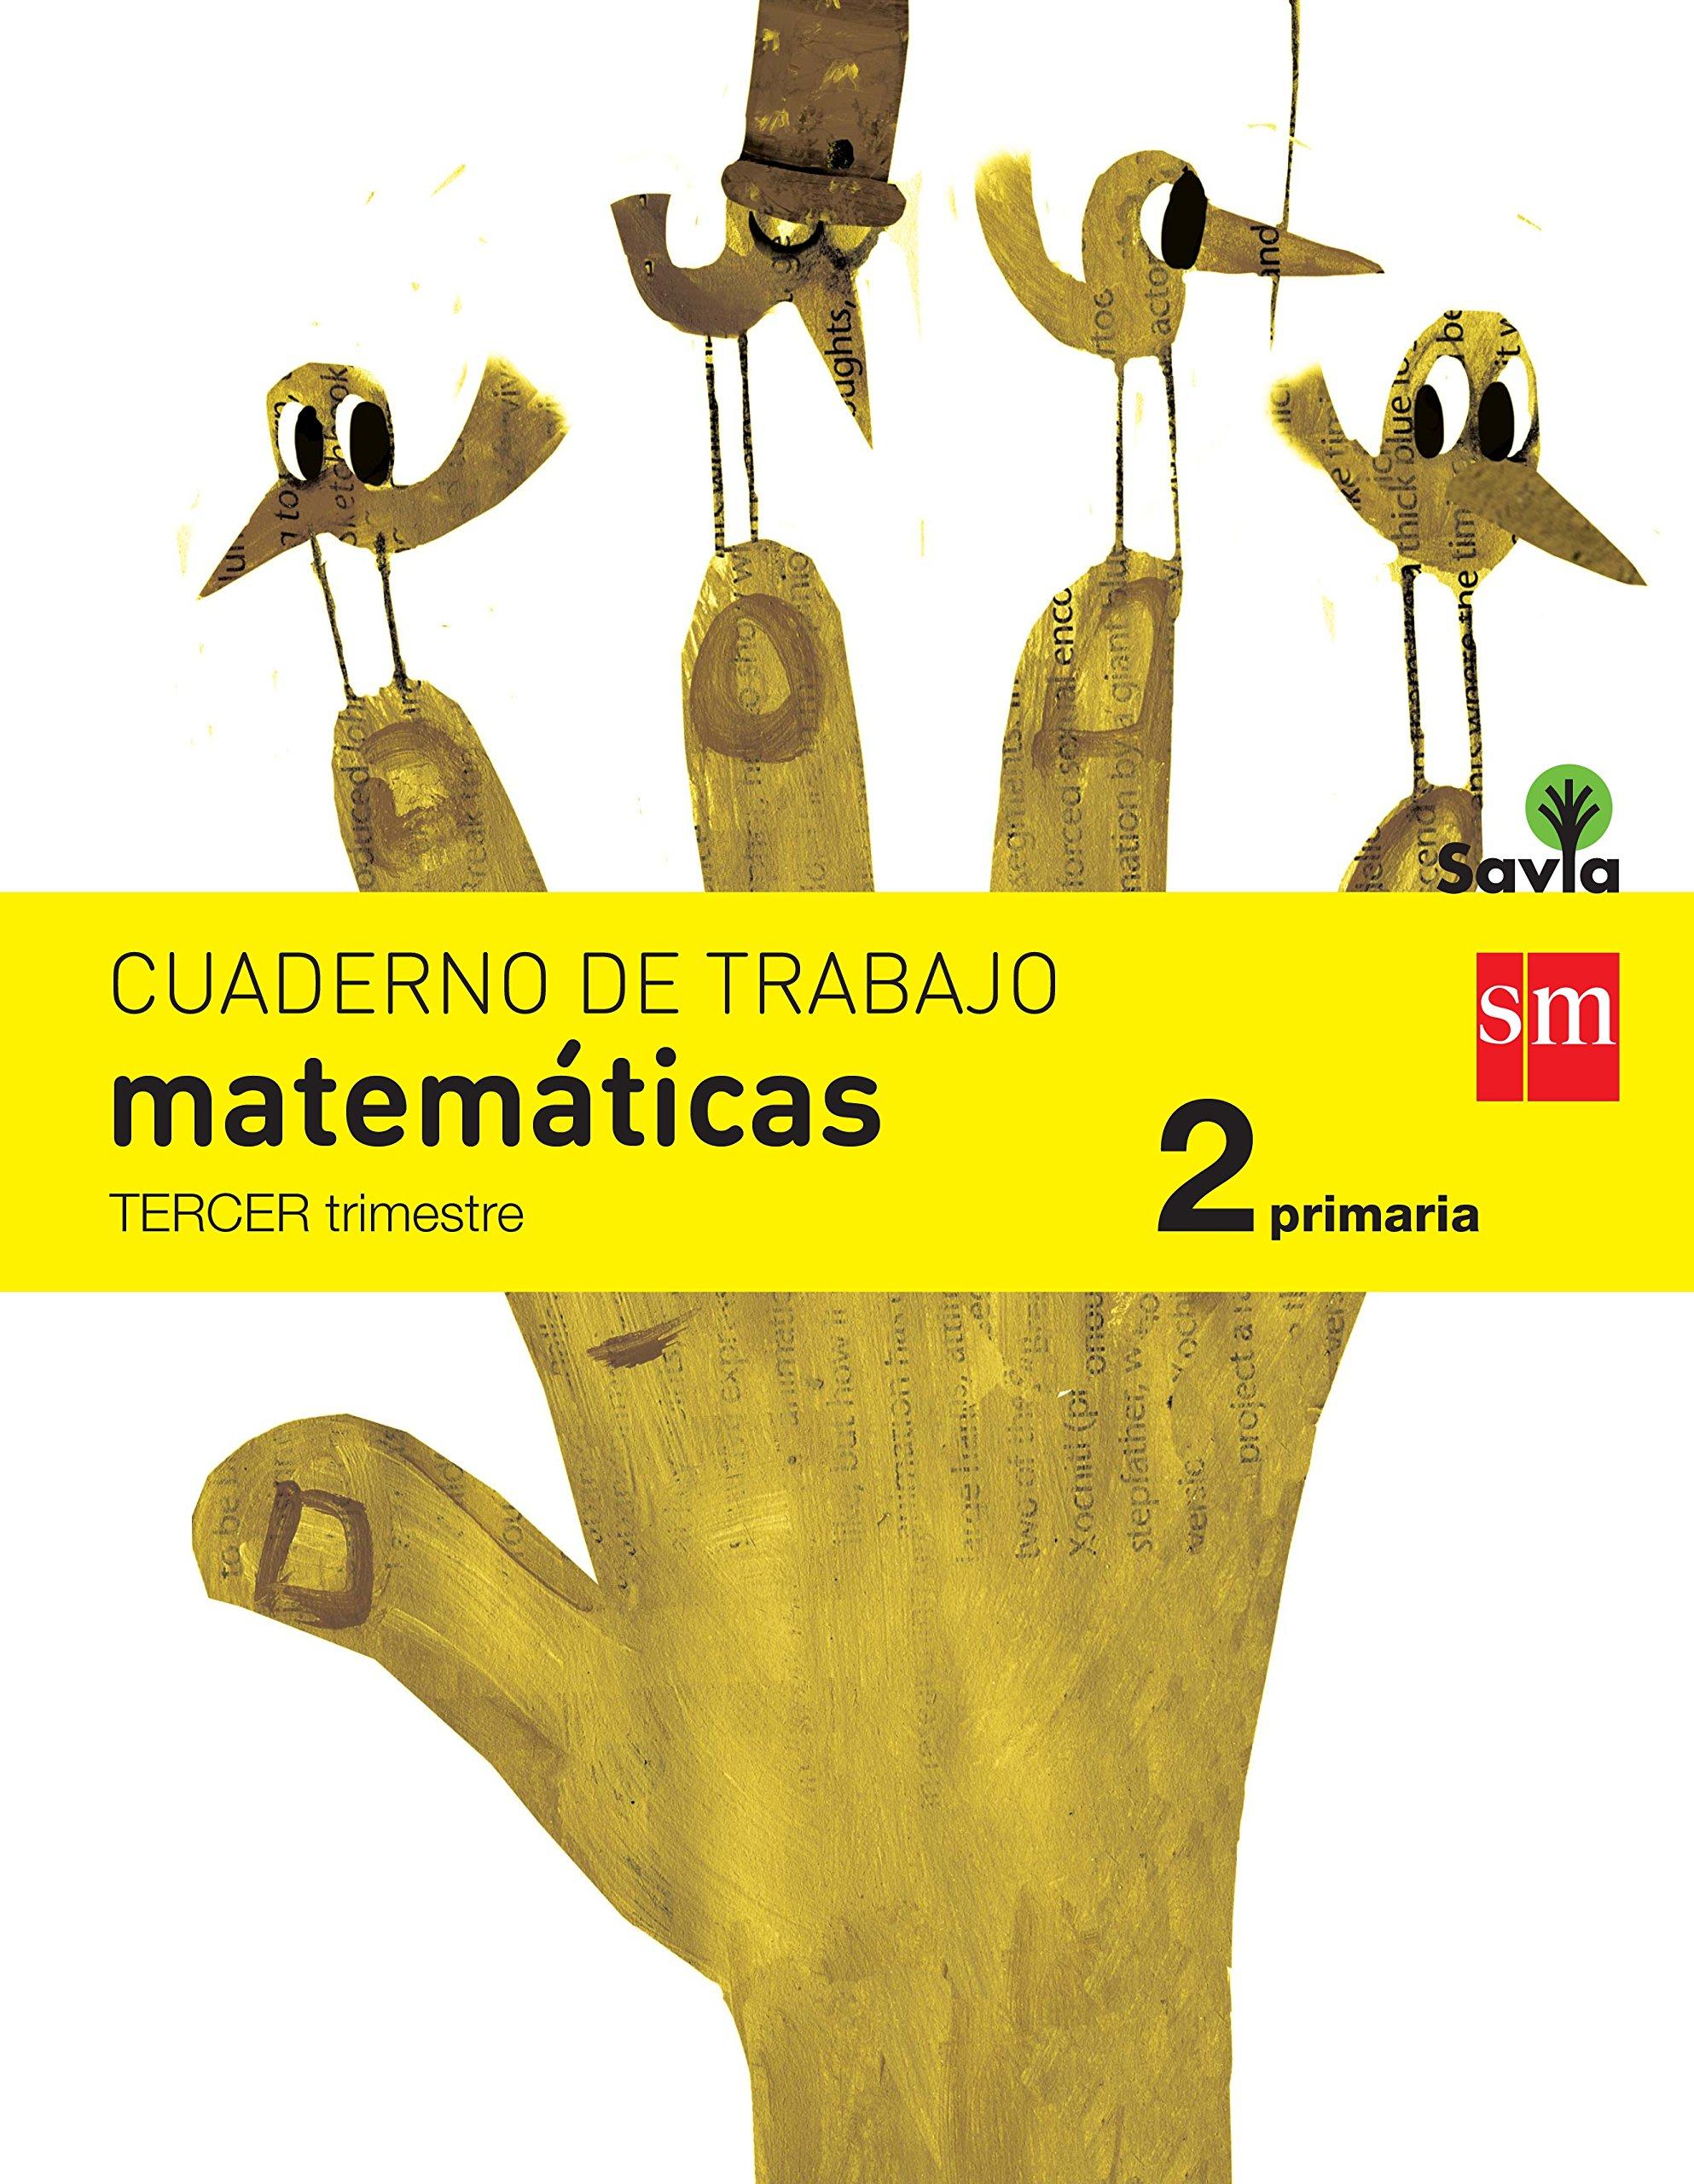 Cuaderno de matemáticas. 2 Primaria, 3 Trimestre. Savia - 9788467578454 Tapa blanda – 1 may 2015 Rosa Modrego Alya Mark Juan Antonio Rocafort Grupo SM Educación